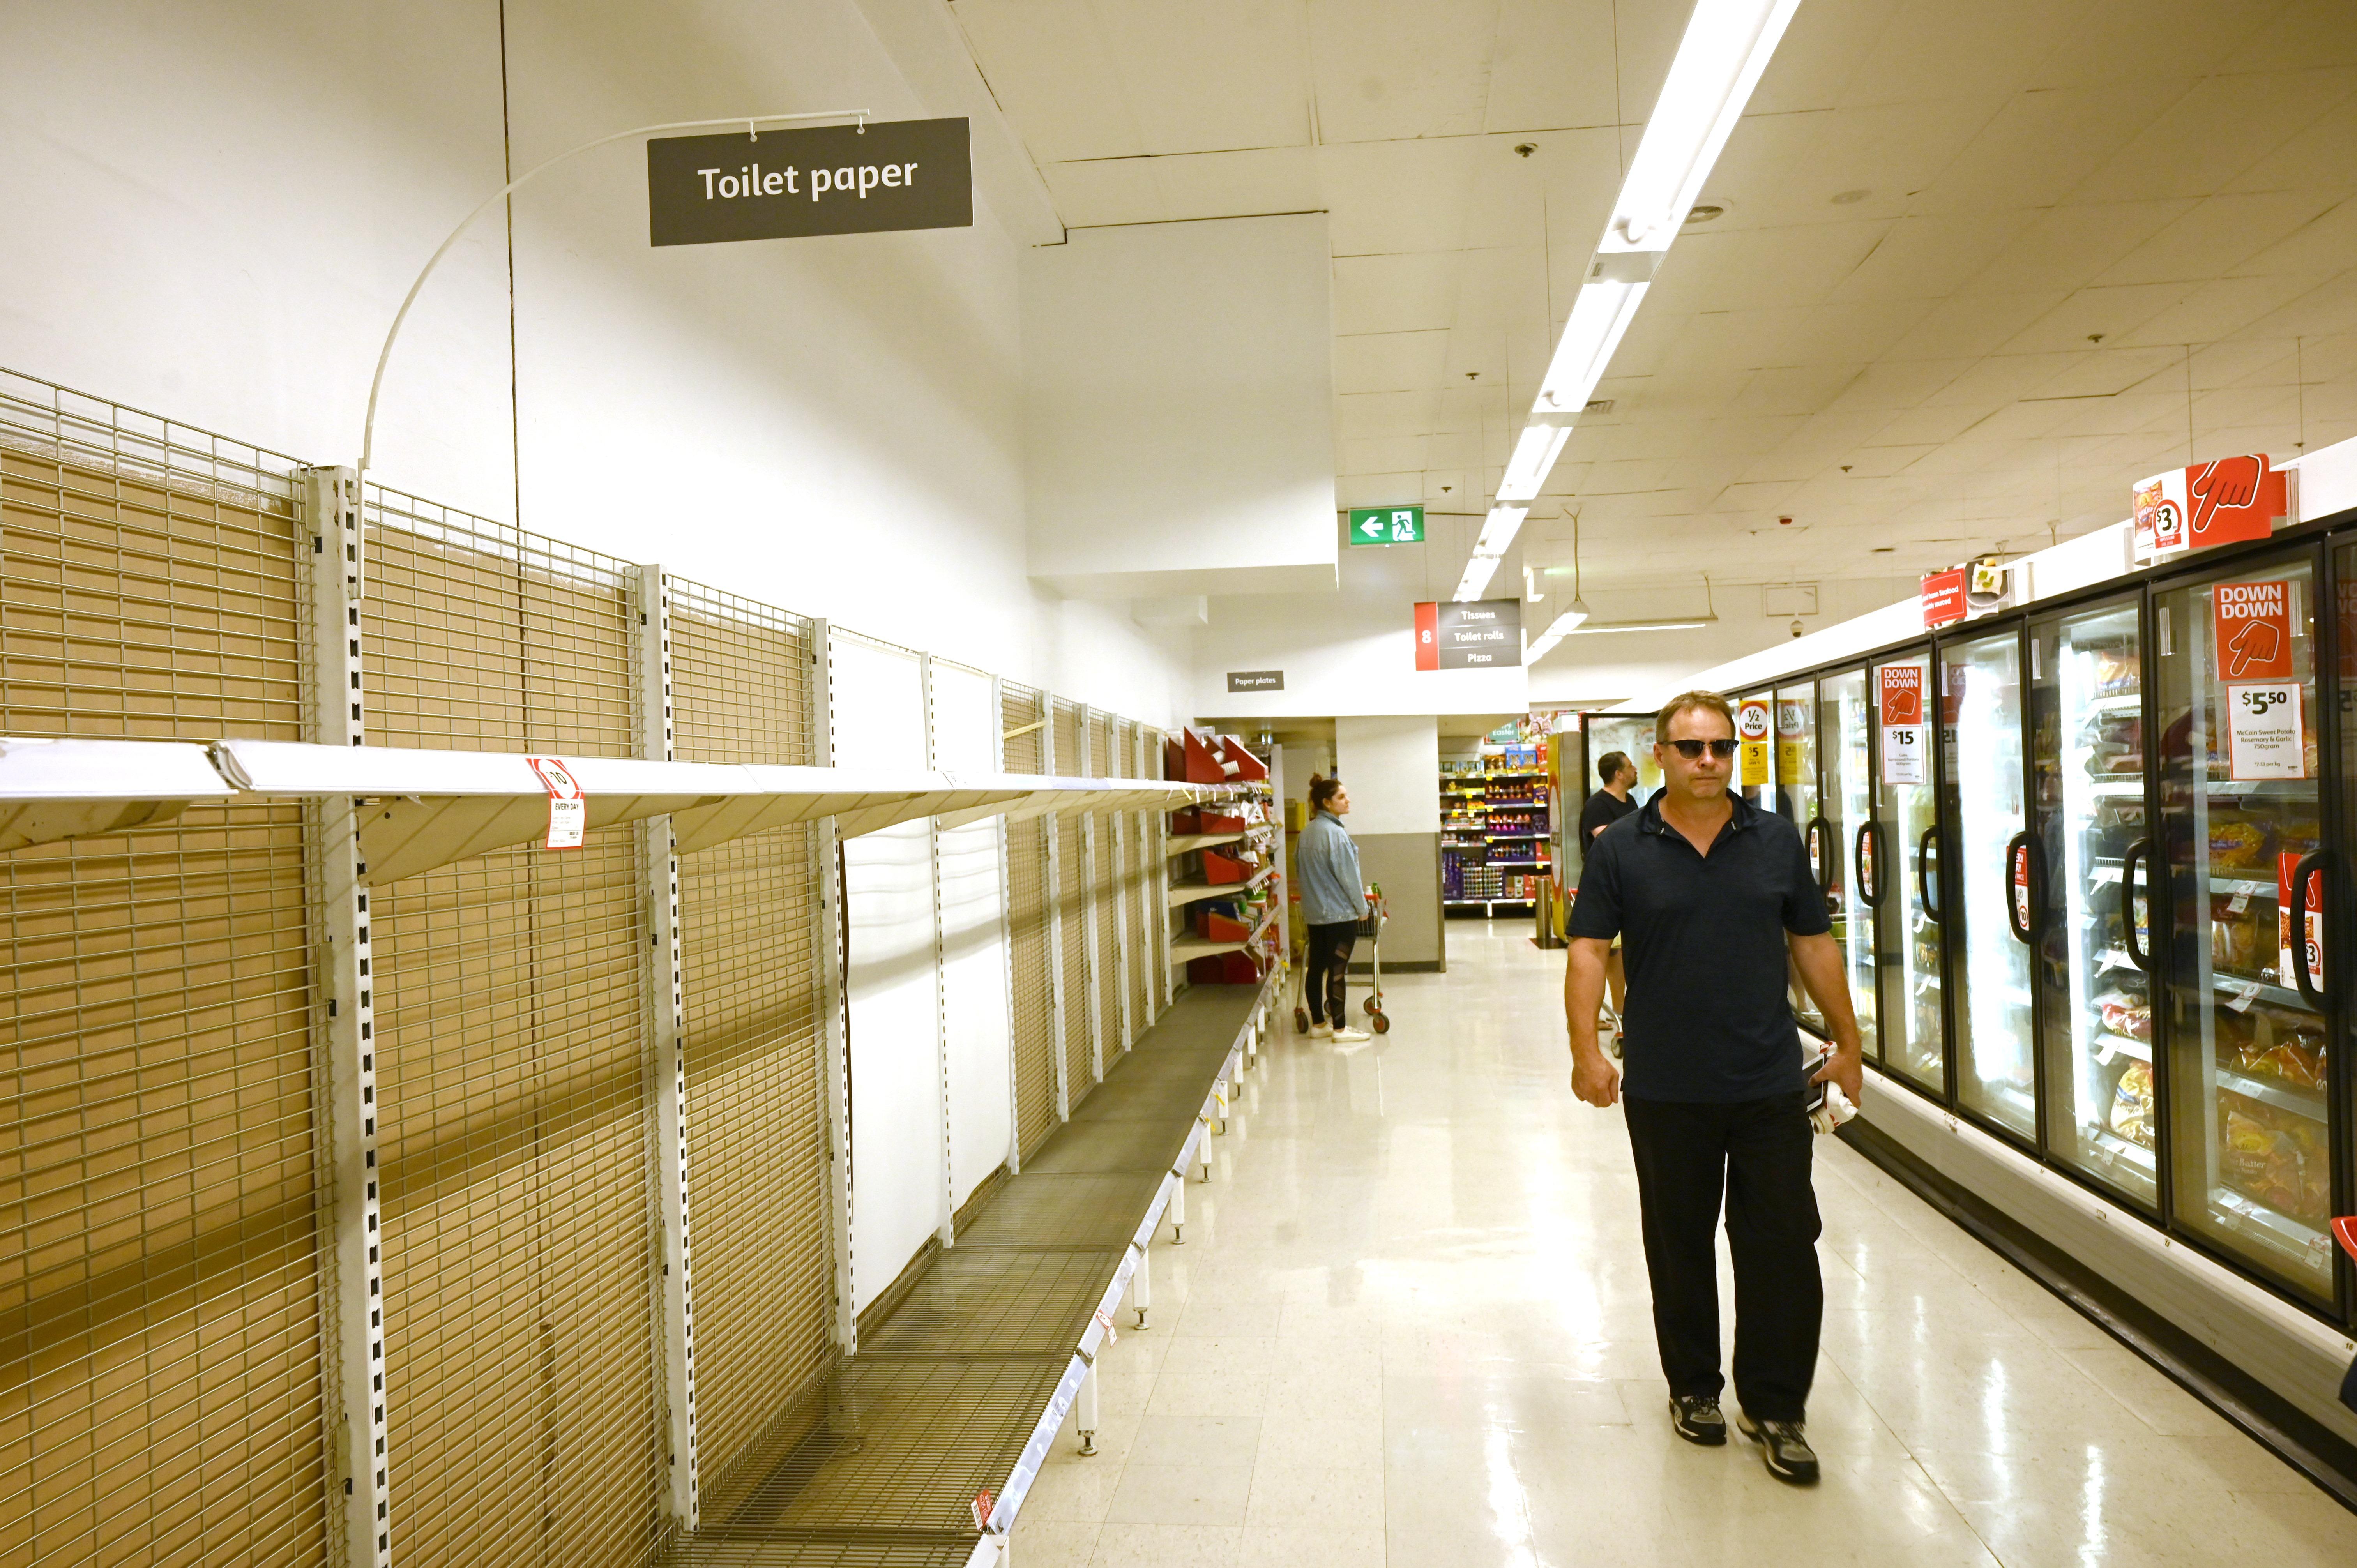 【冠状病毒19】澳洲市民抢购生活物资 超市限购卫生纸数量